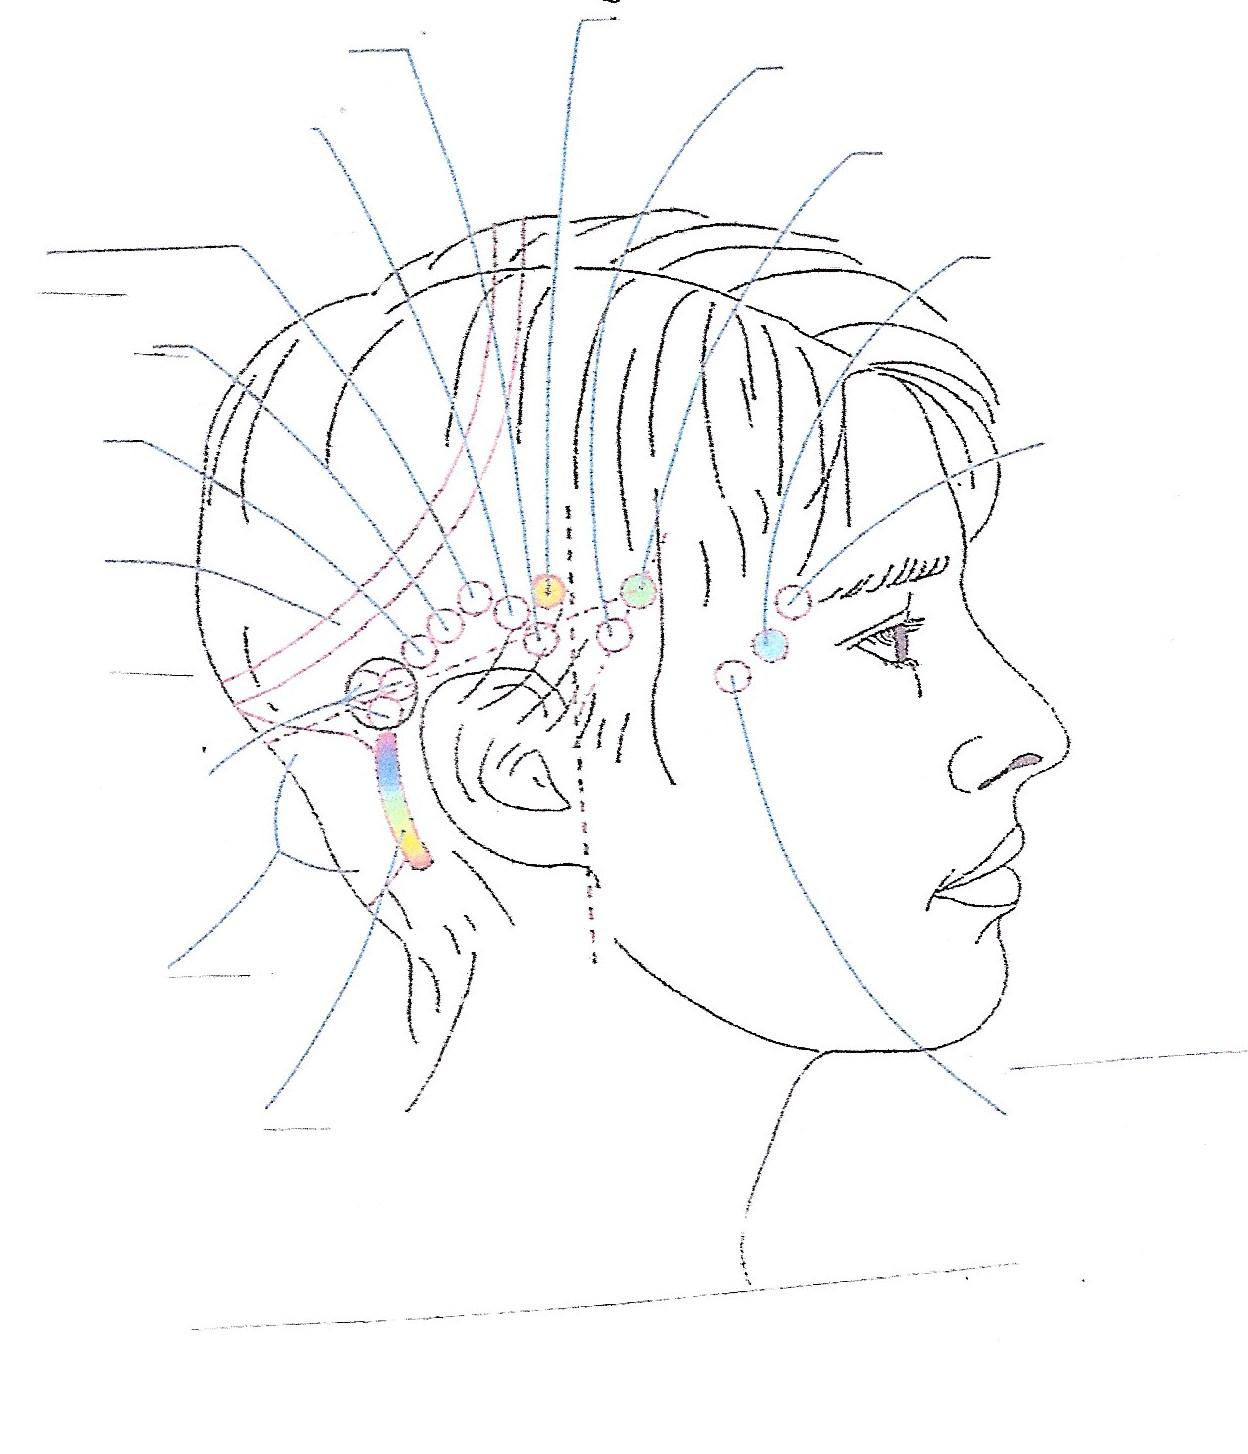 Skizze der Energiepunkte am Kopf